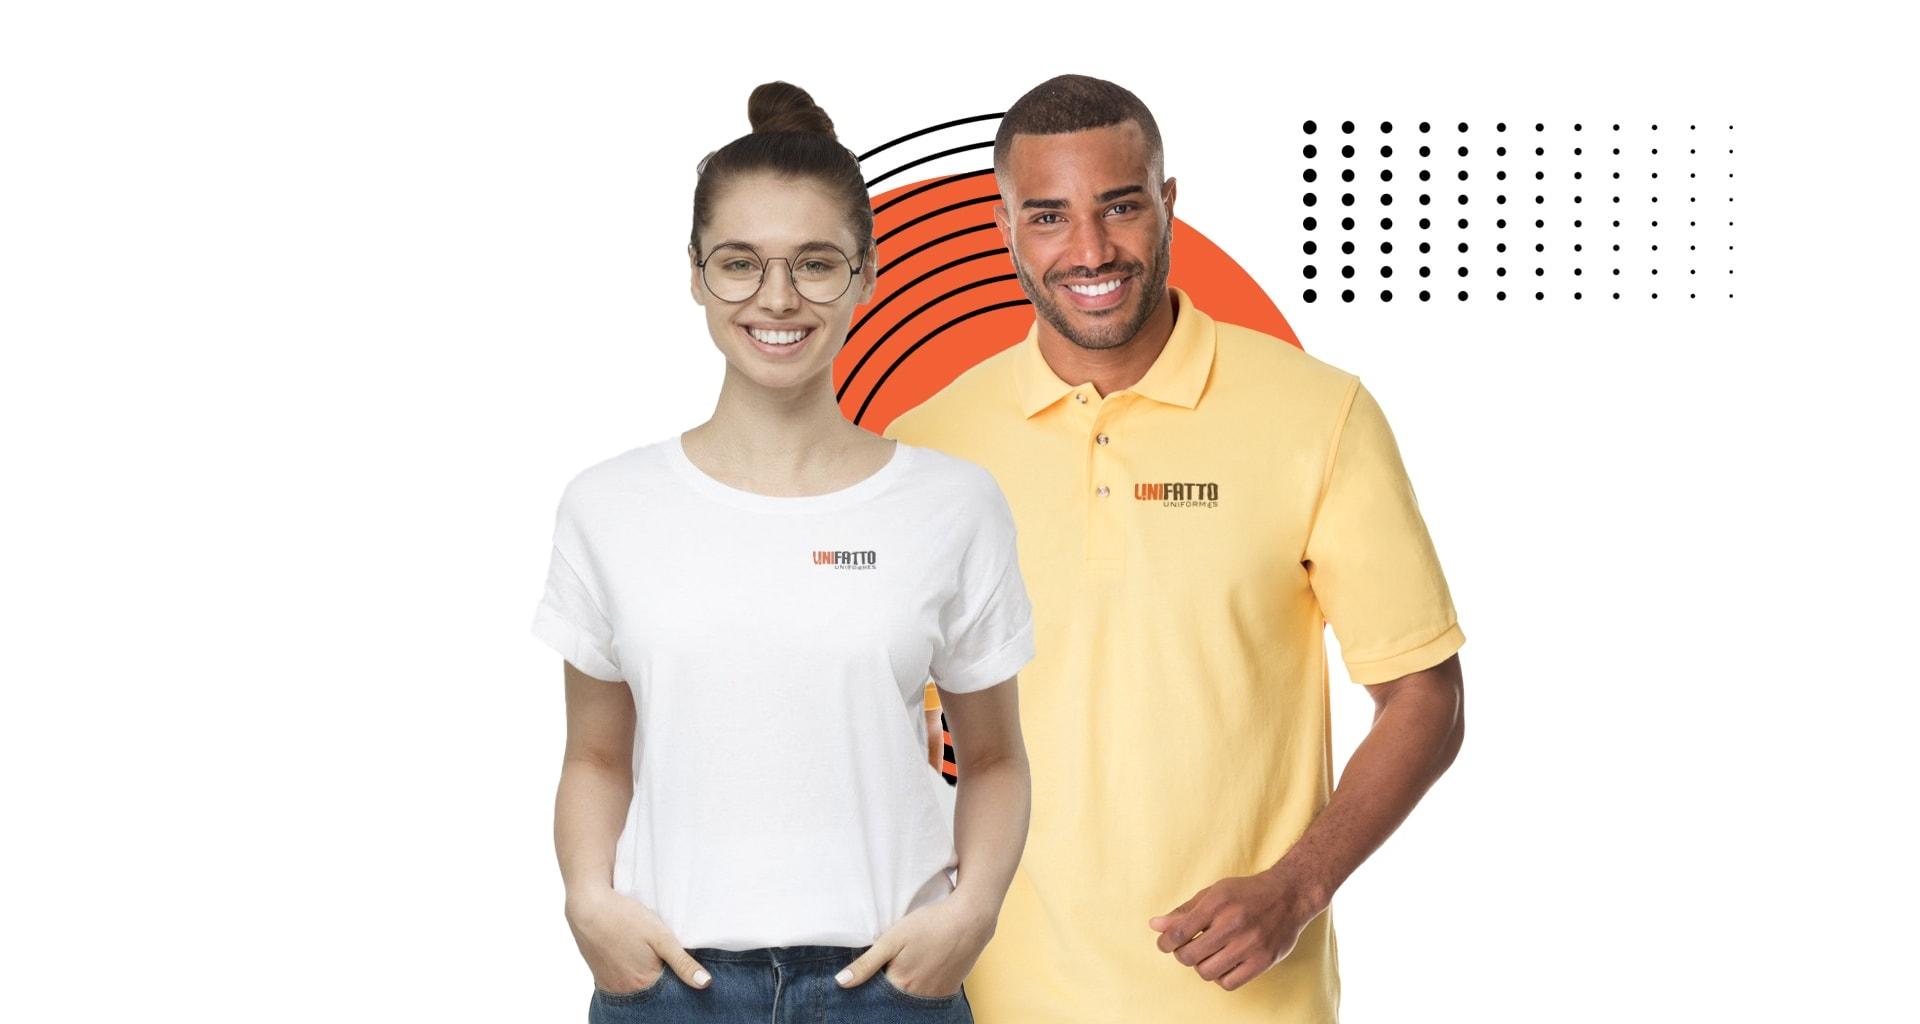 Pessoas usando camisetas gola careca e polo com logo da Unifatto